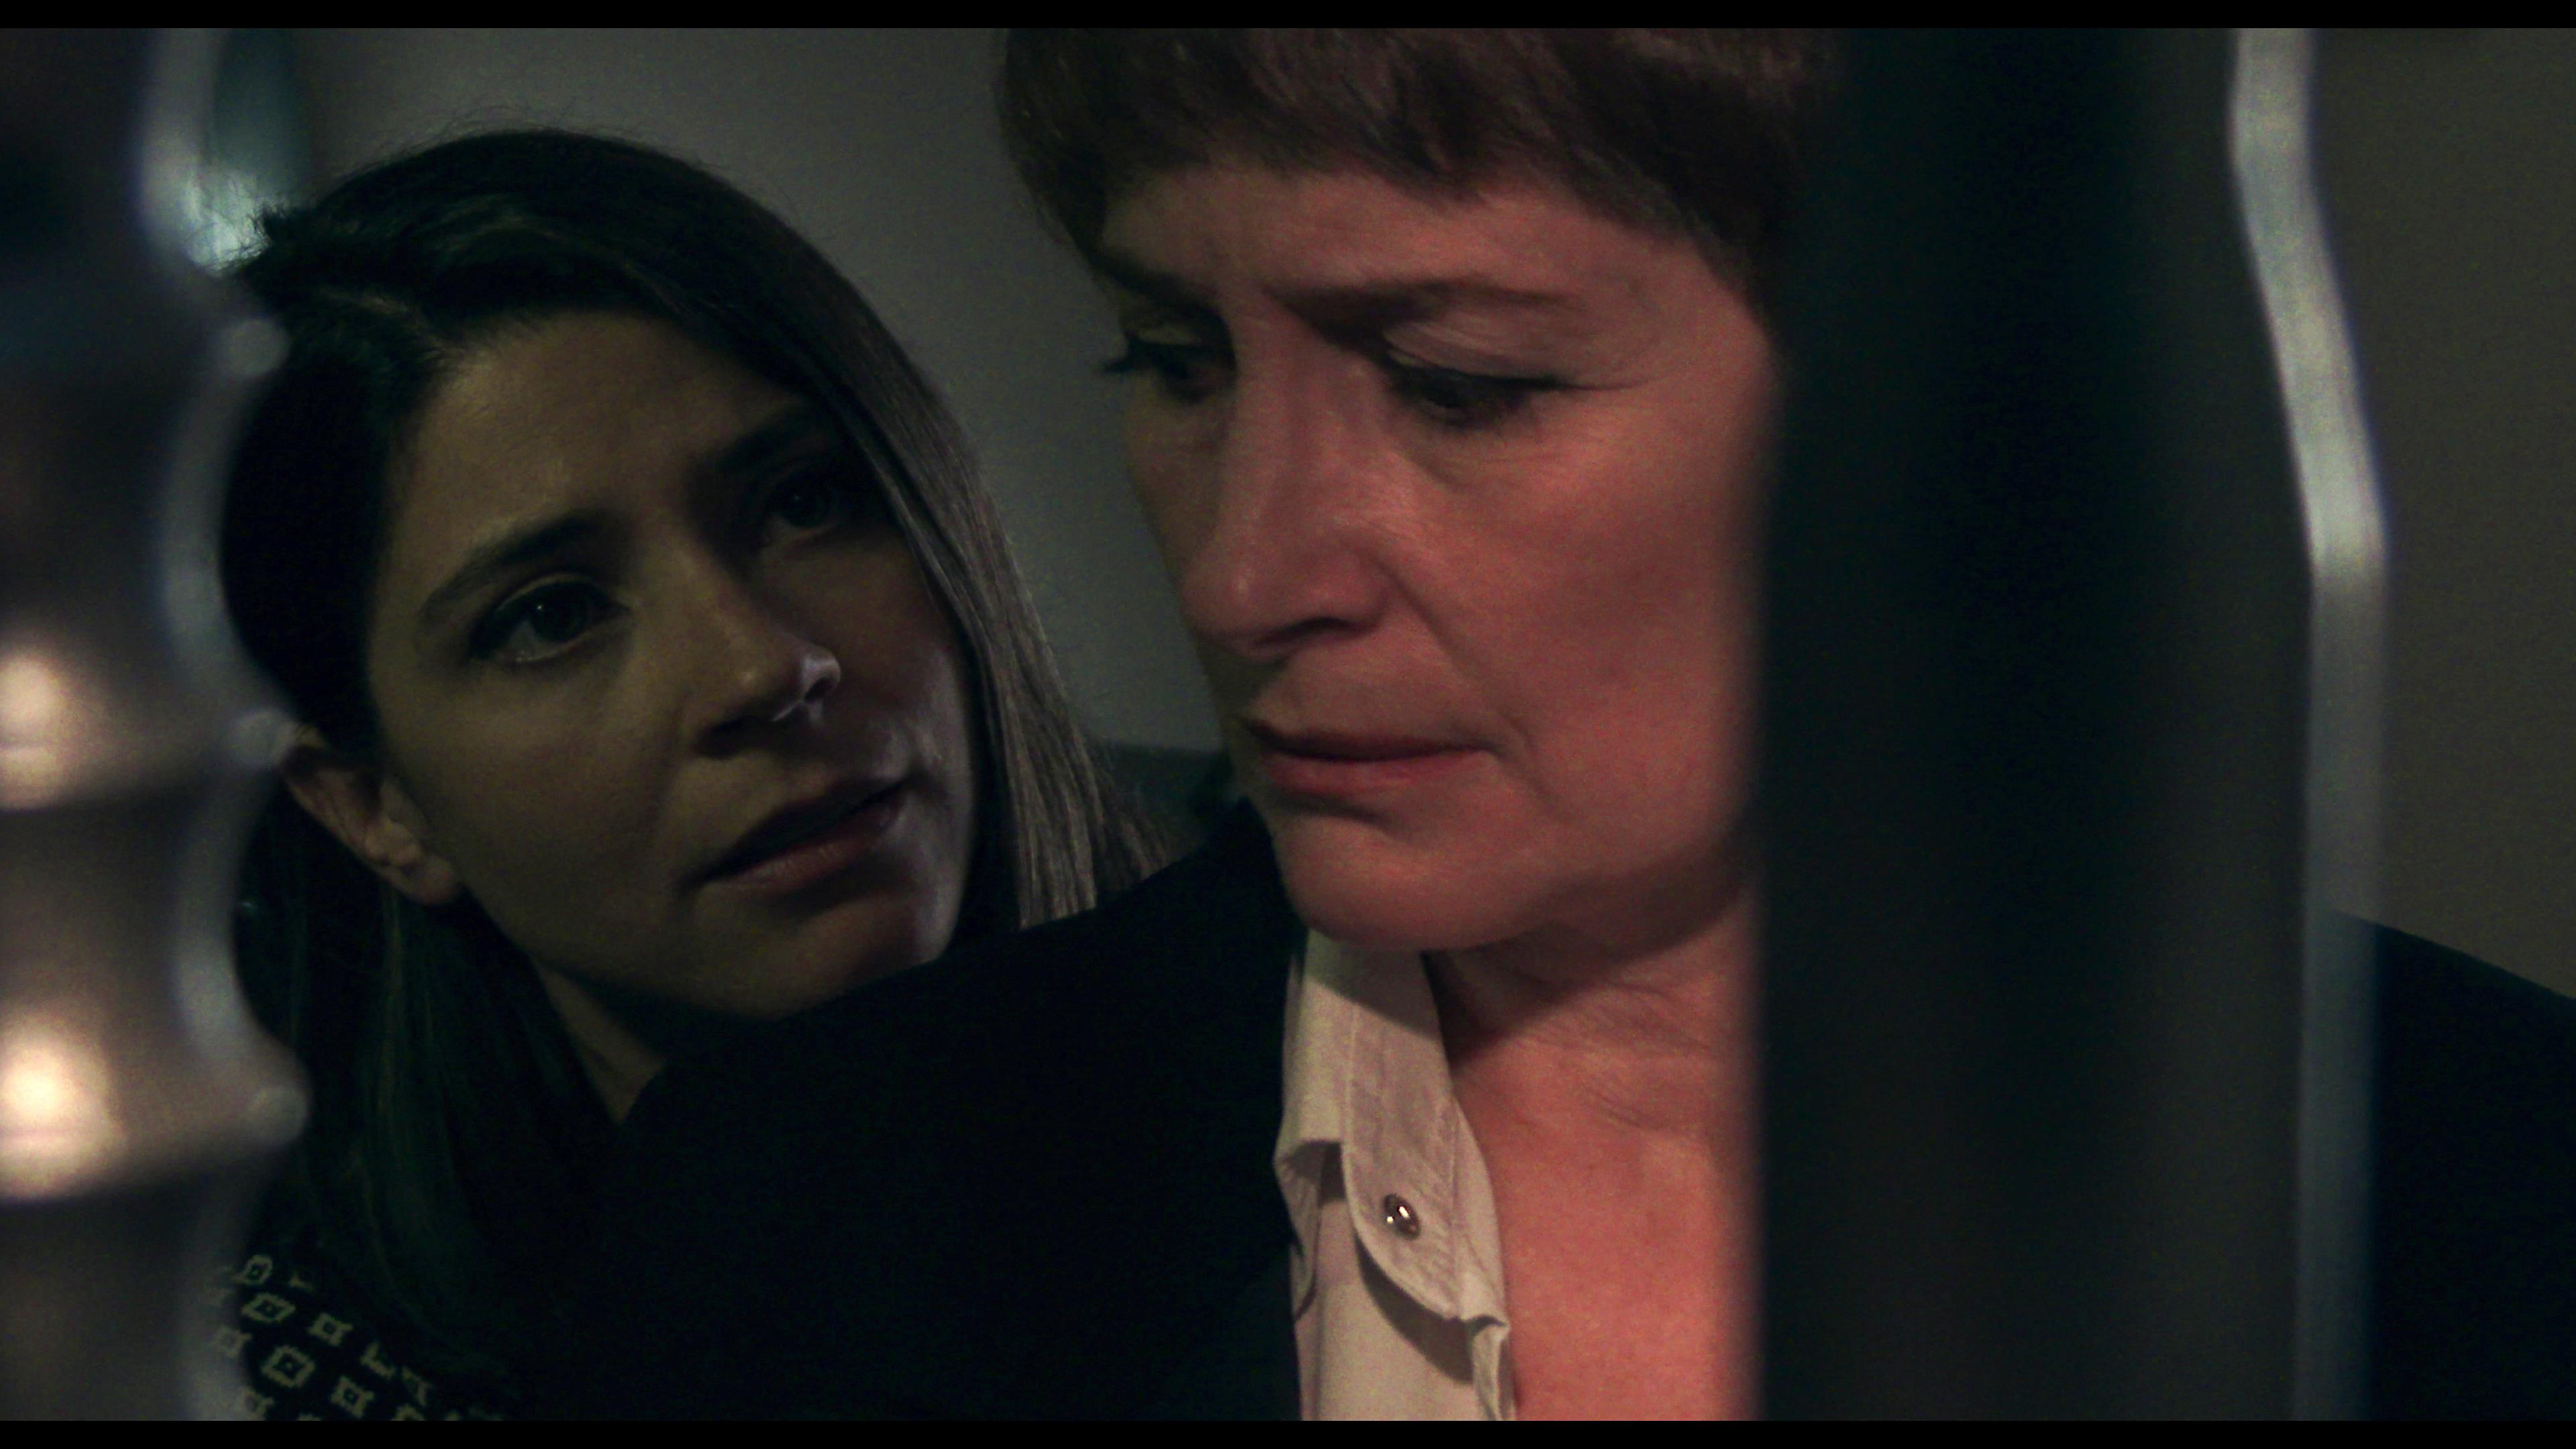 Où vous ne pouvez pas arriver - Court-métrage sur la maladie d'Alzheimer